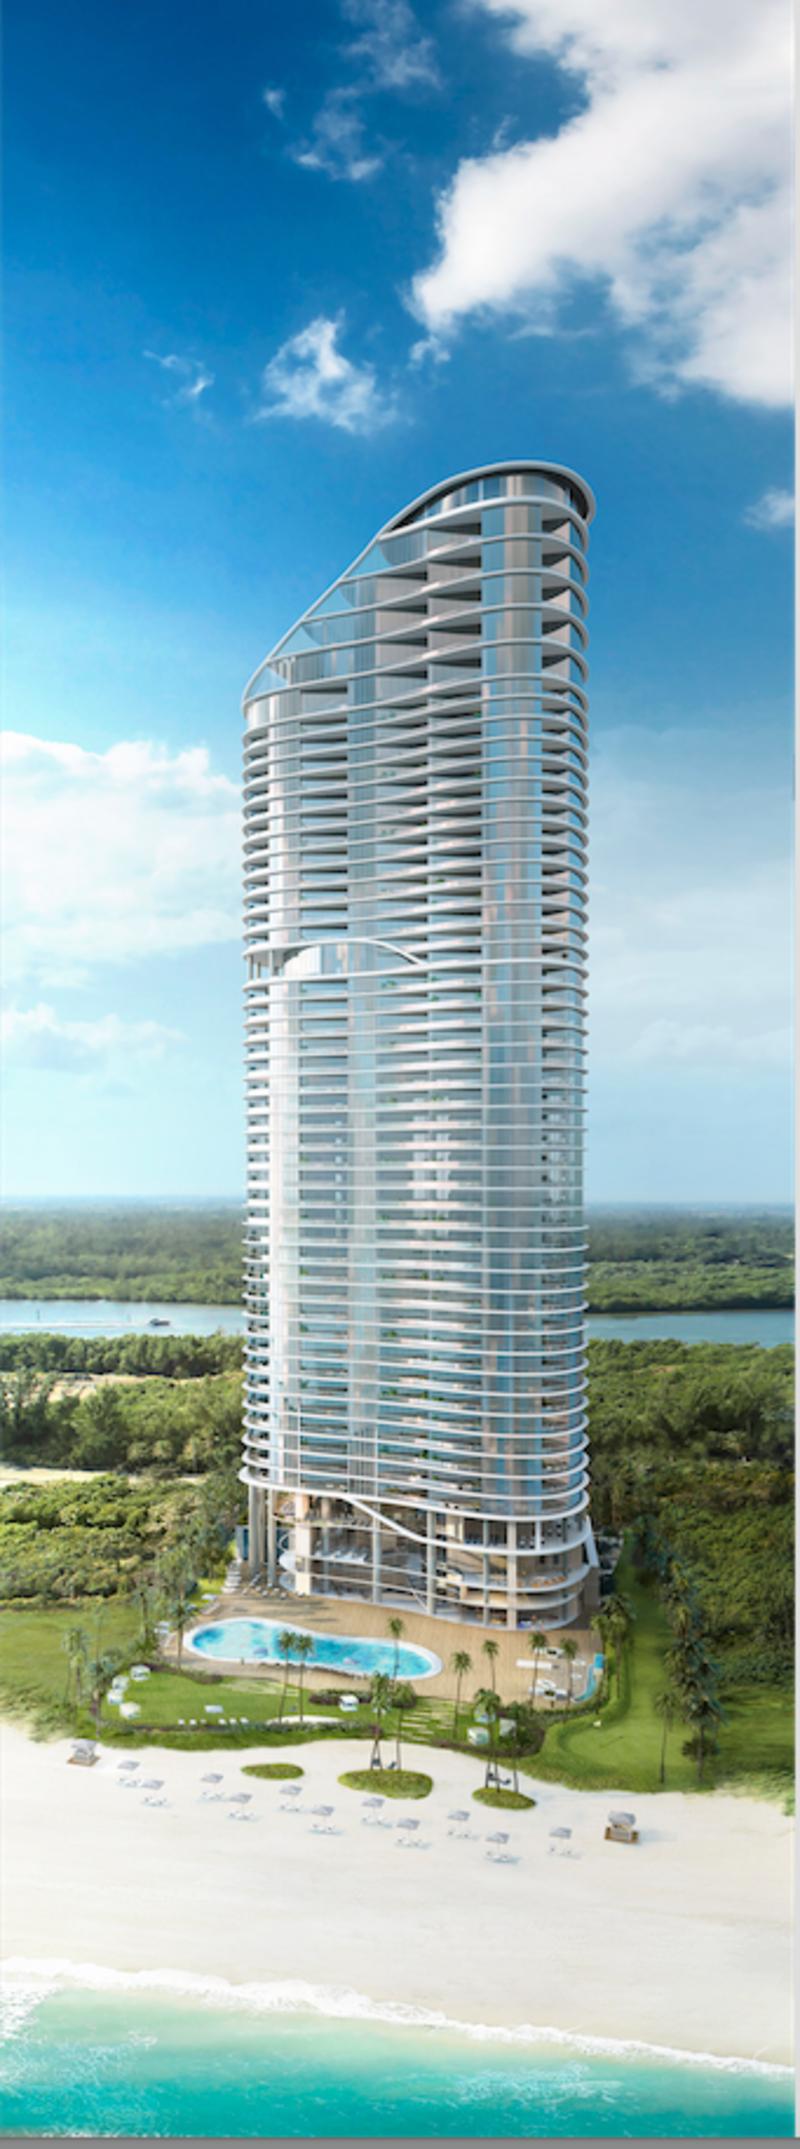 Glob Luxury Real Estate Miami Beach